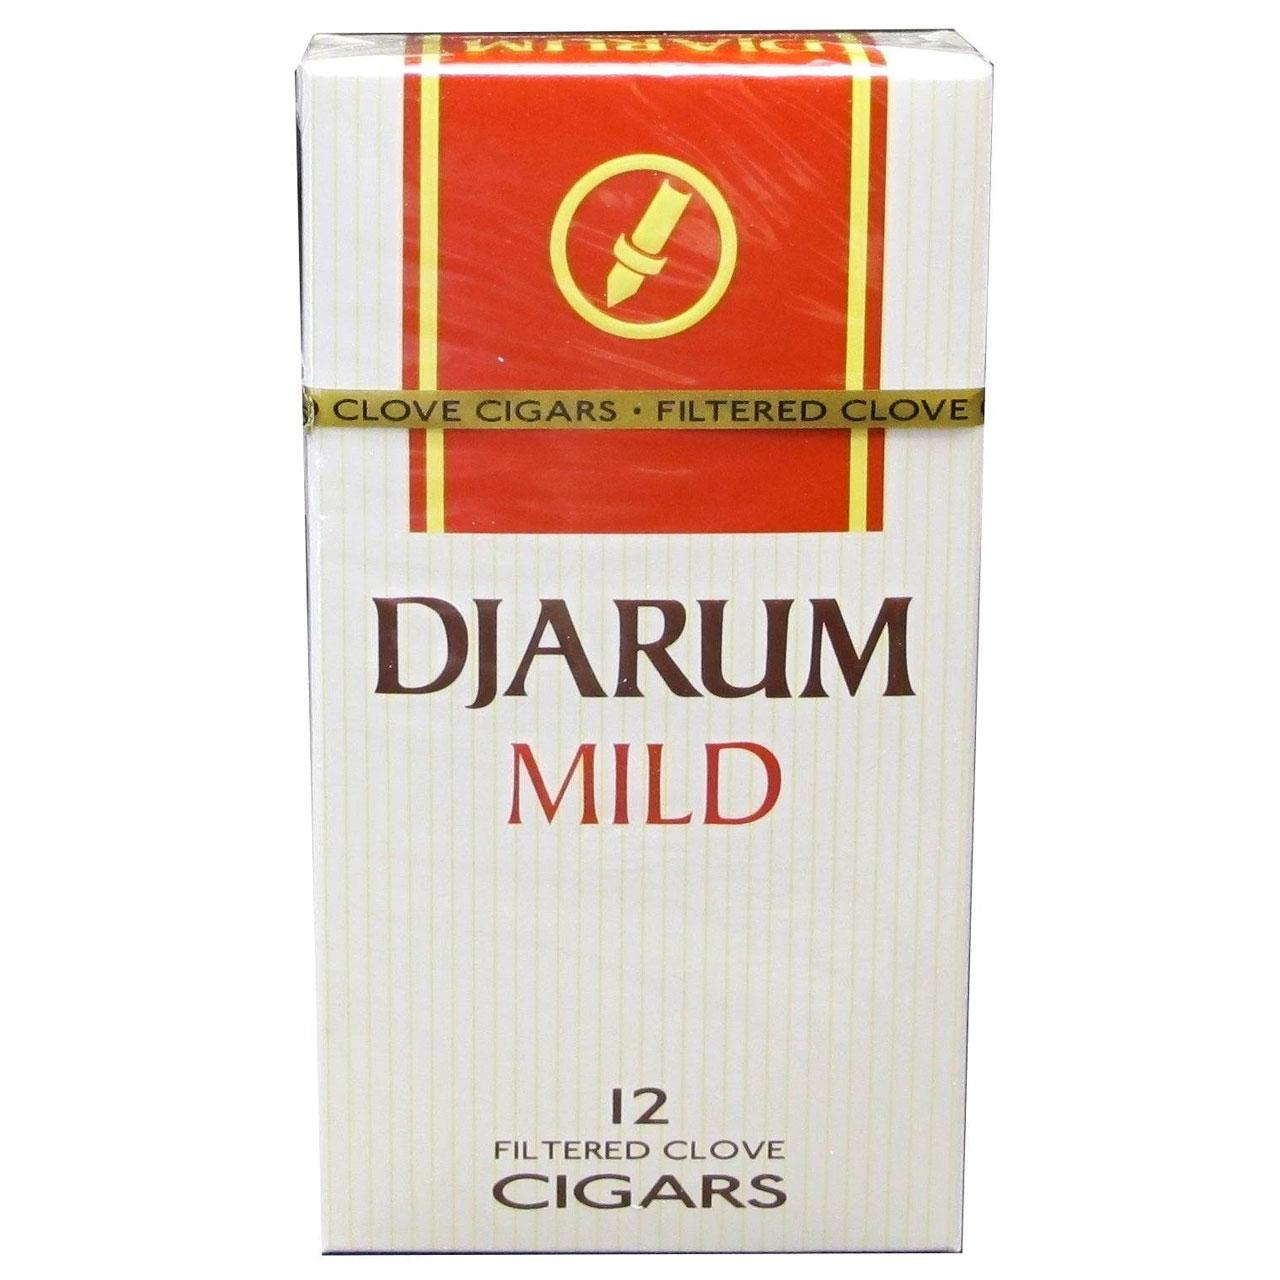 Djarum Mild Cigarettes